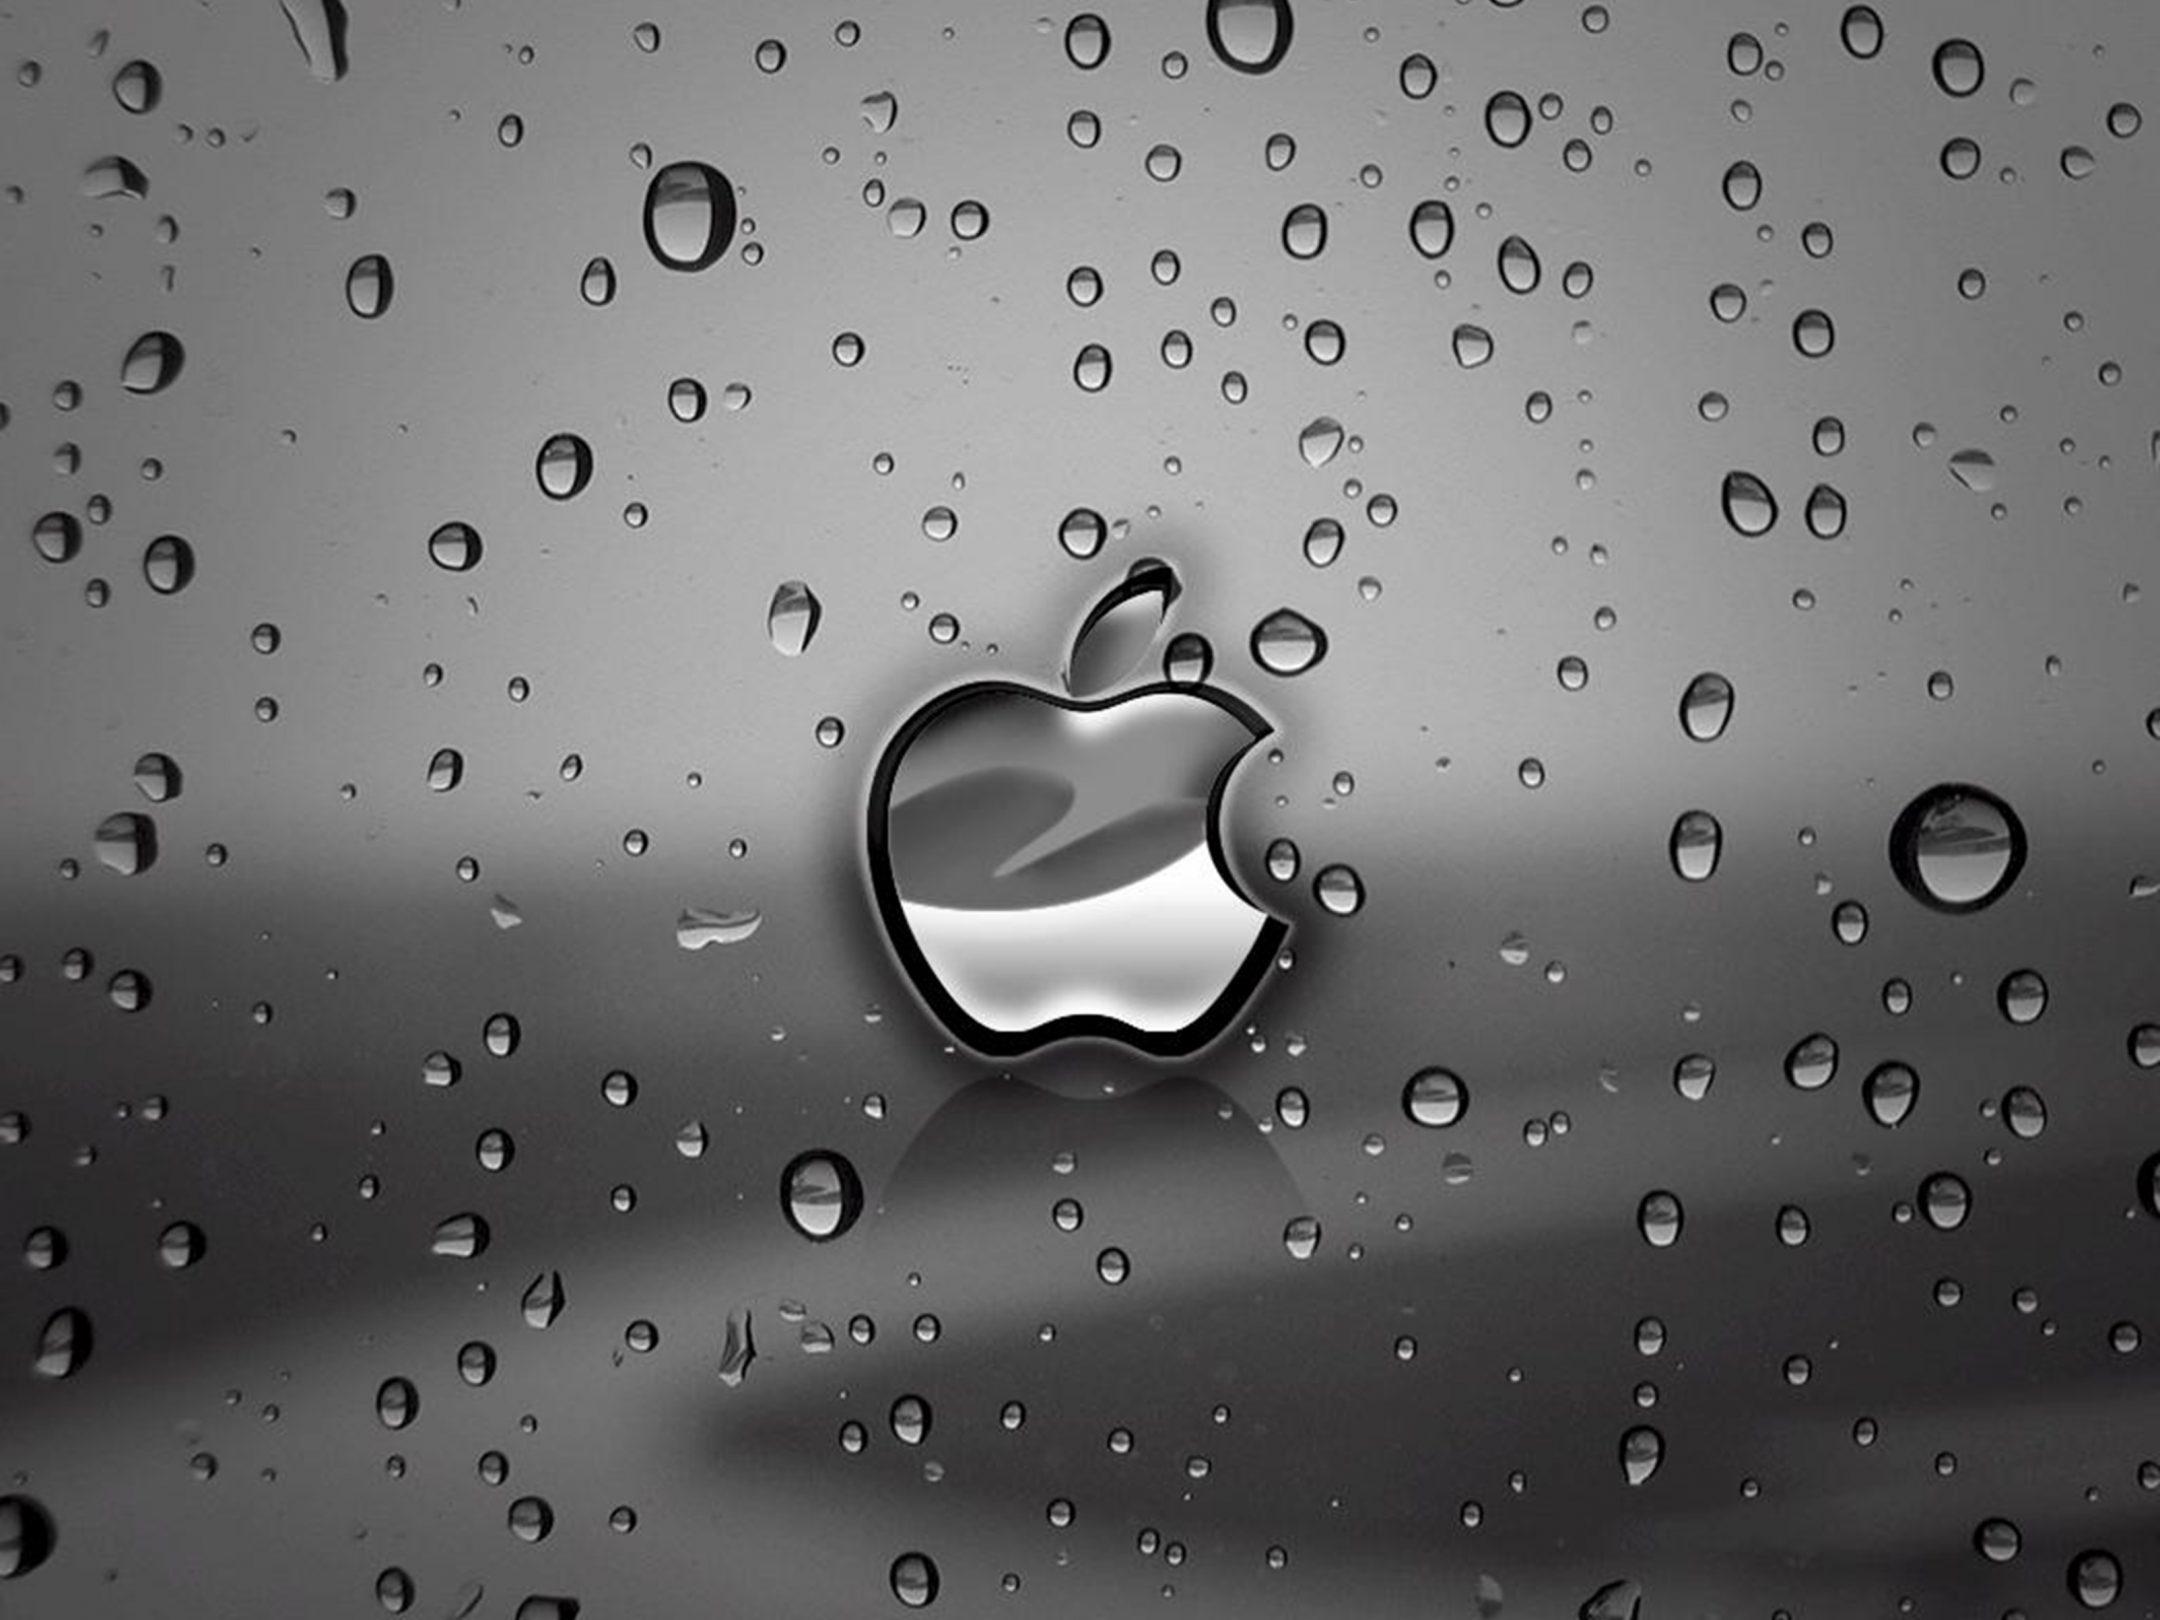 2160x1620 iPad wallpaper 4k Apple Rain Ipad Wallpaper 2160x1620 pixels resolution